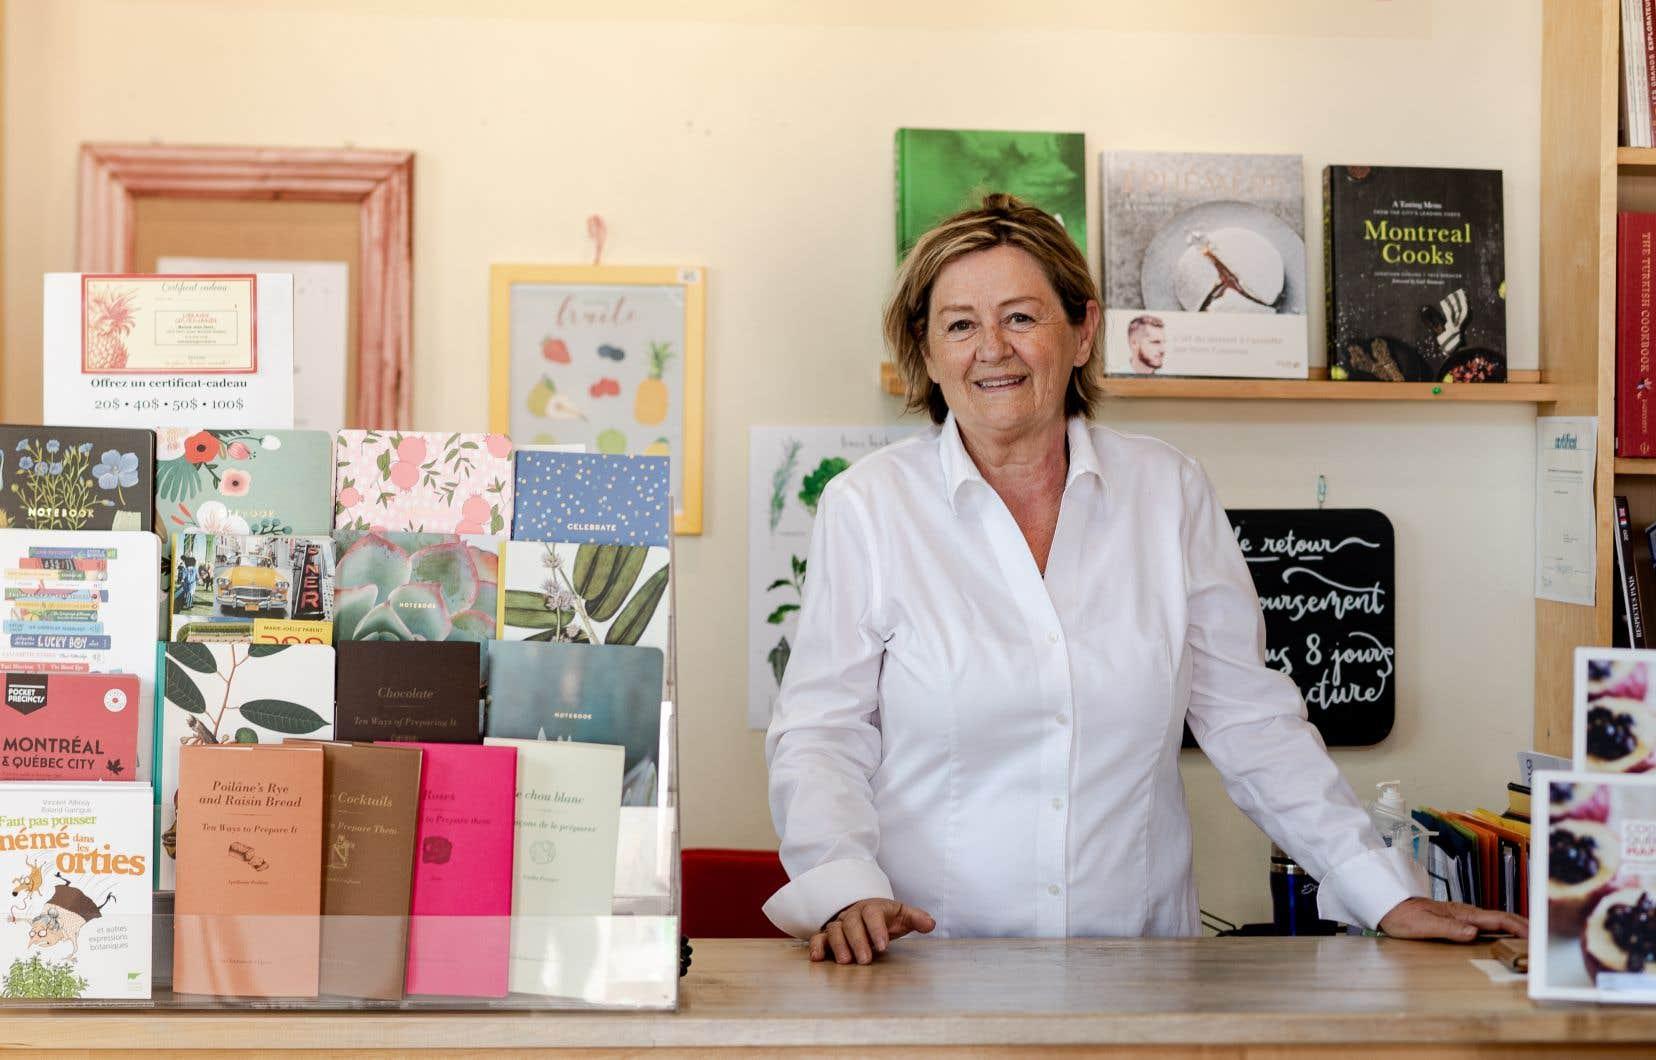 Au fil du temps, Anne Fortin, propriétaire de la Librairie gourmande, est devenue une incontournable actrice de la scène culinaire québécoise.